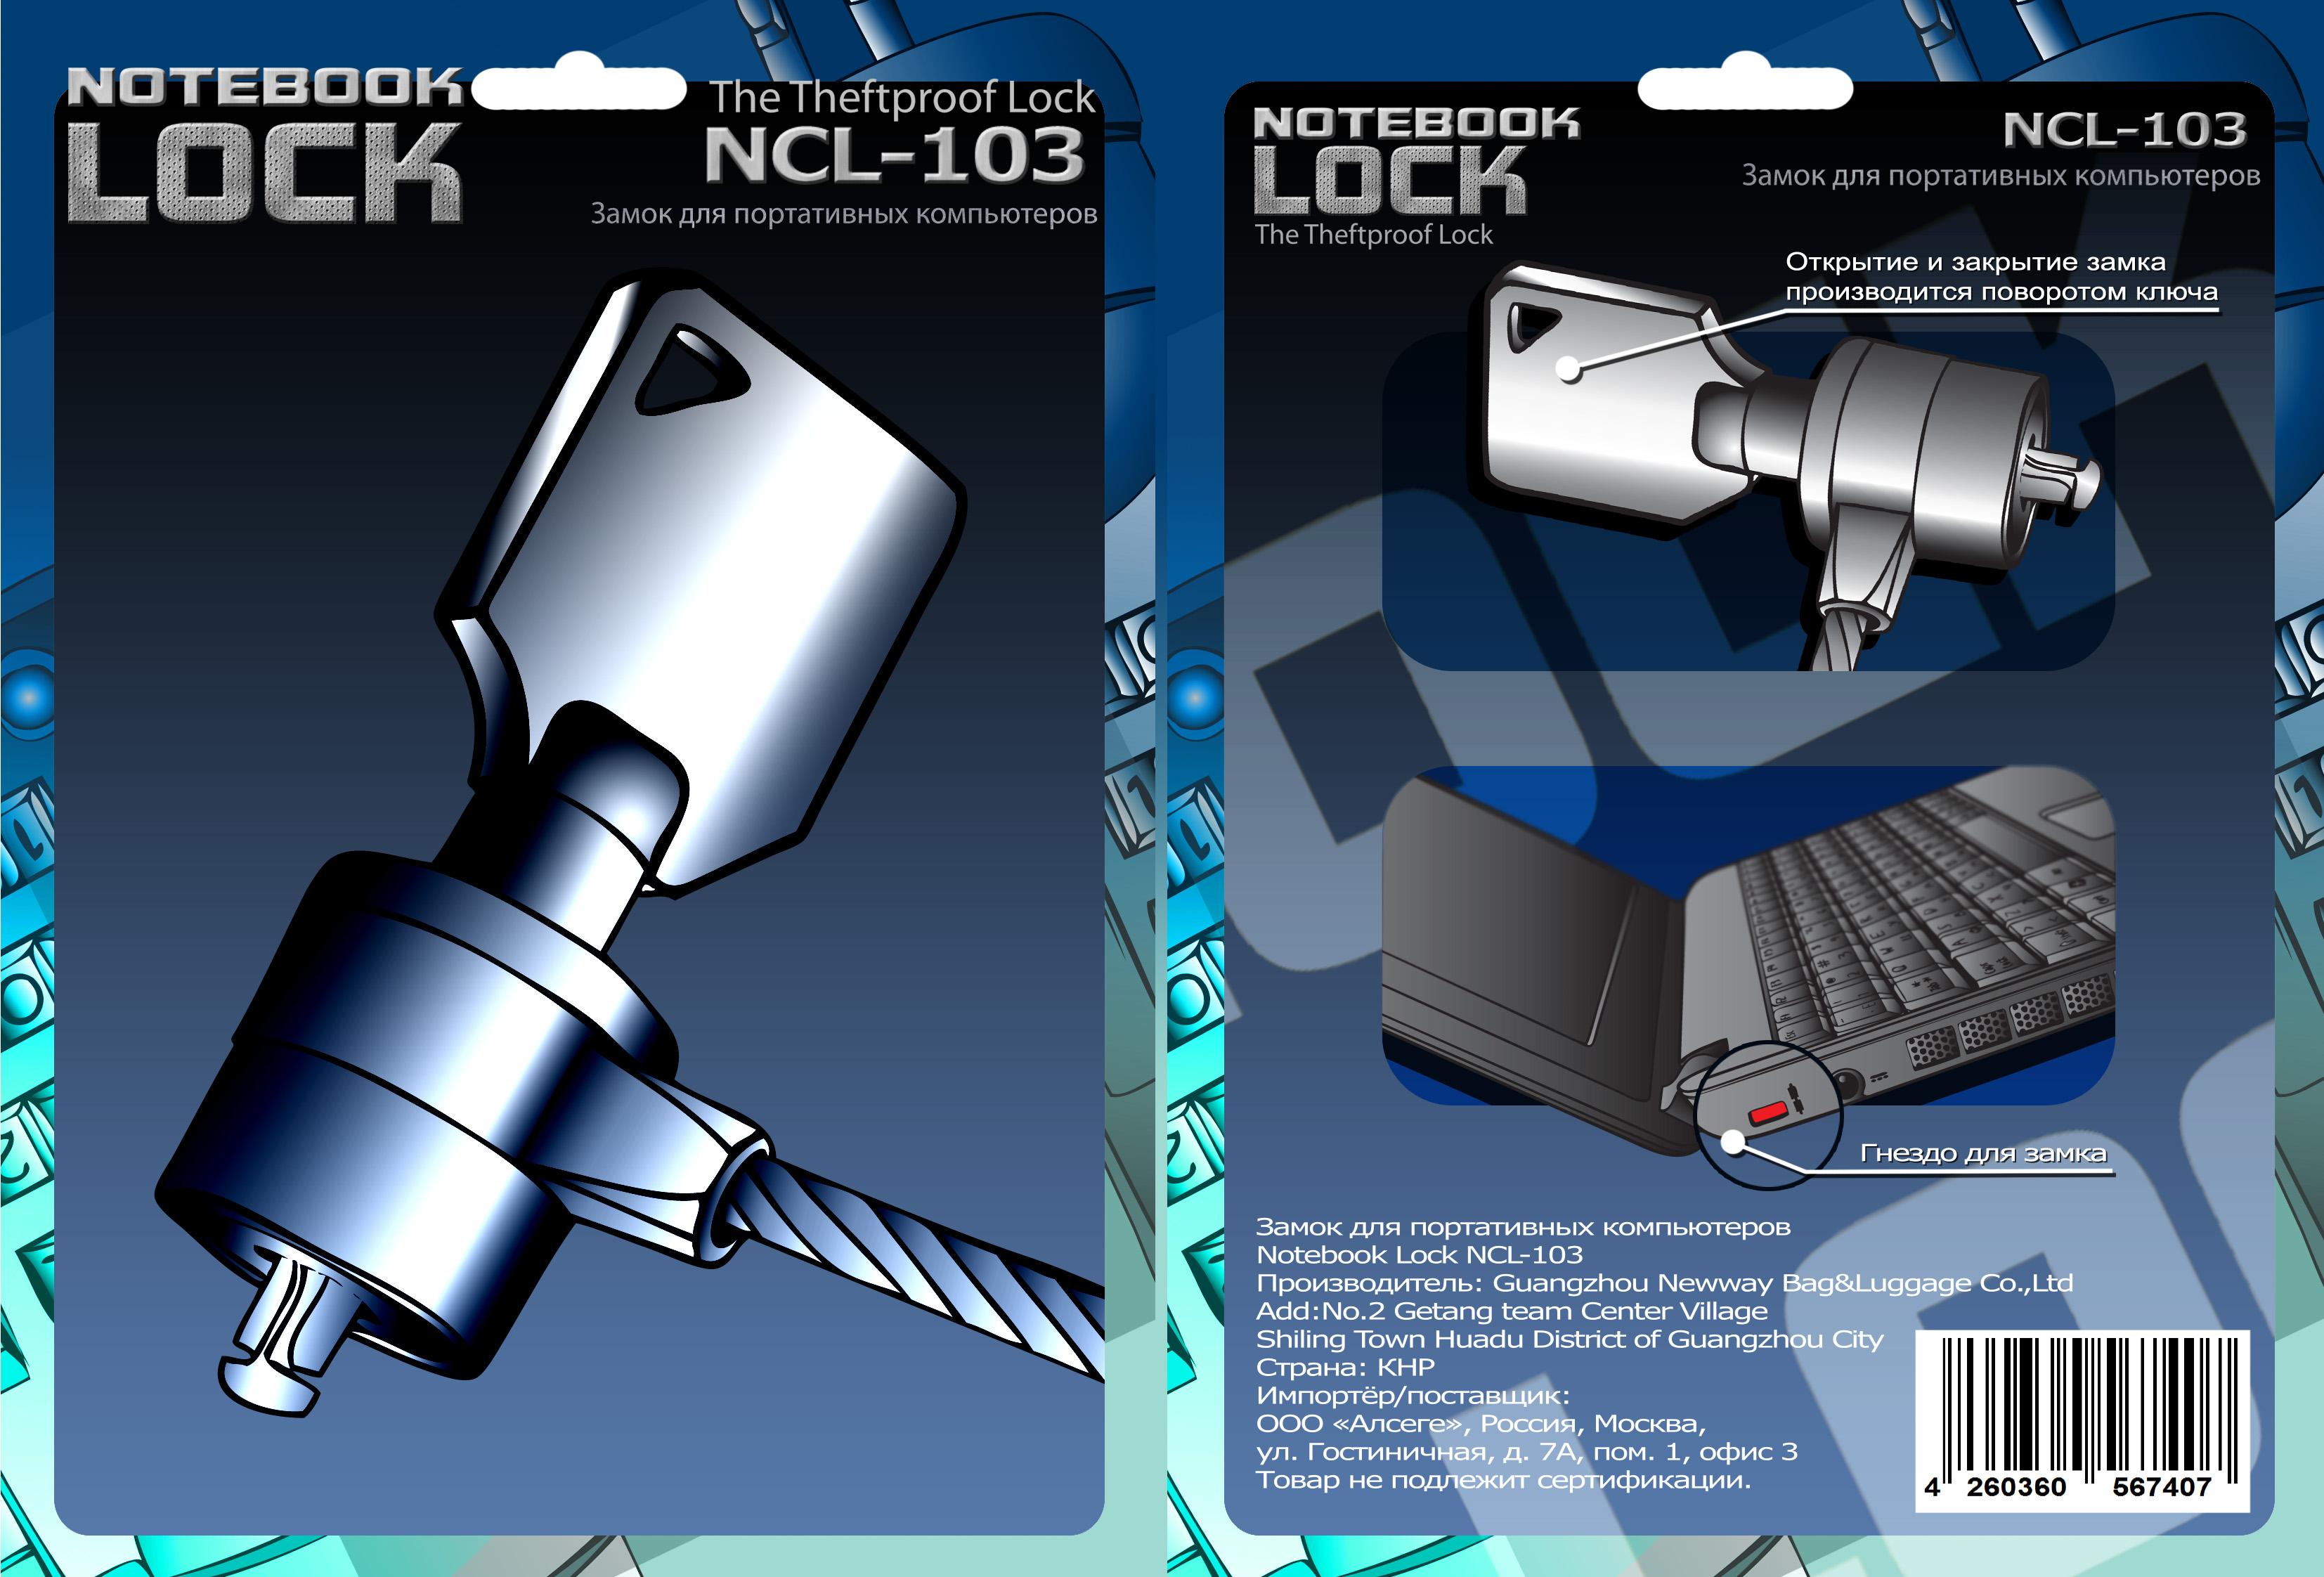 Трос безопасности для защиты ноутбуков 1.8m с замком (ключ) Cable Lock NCL-103